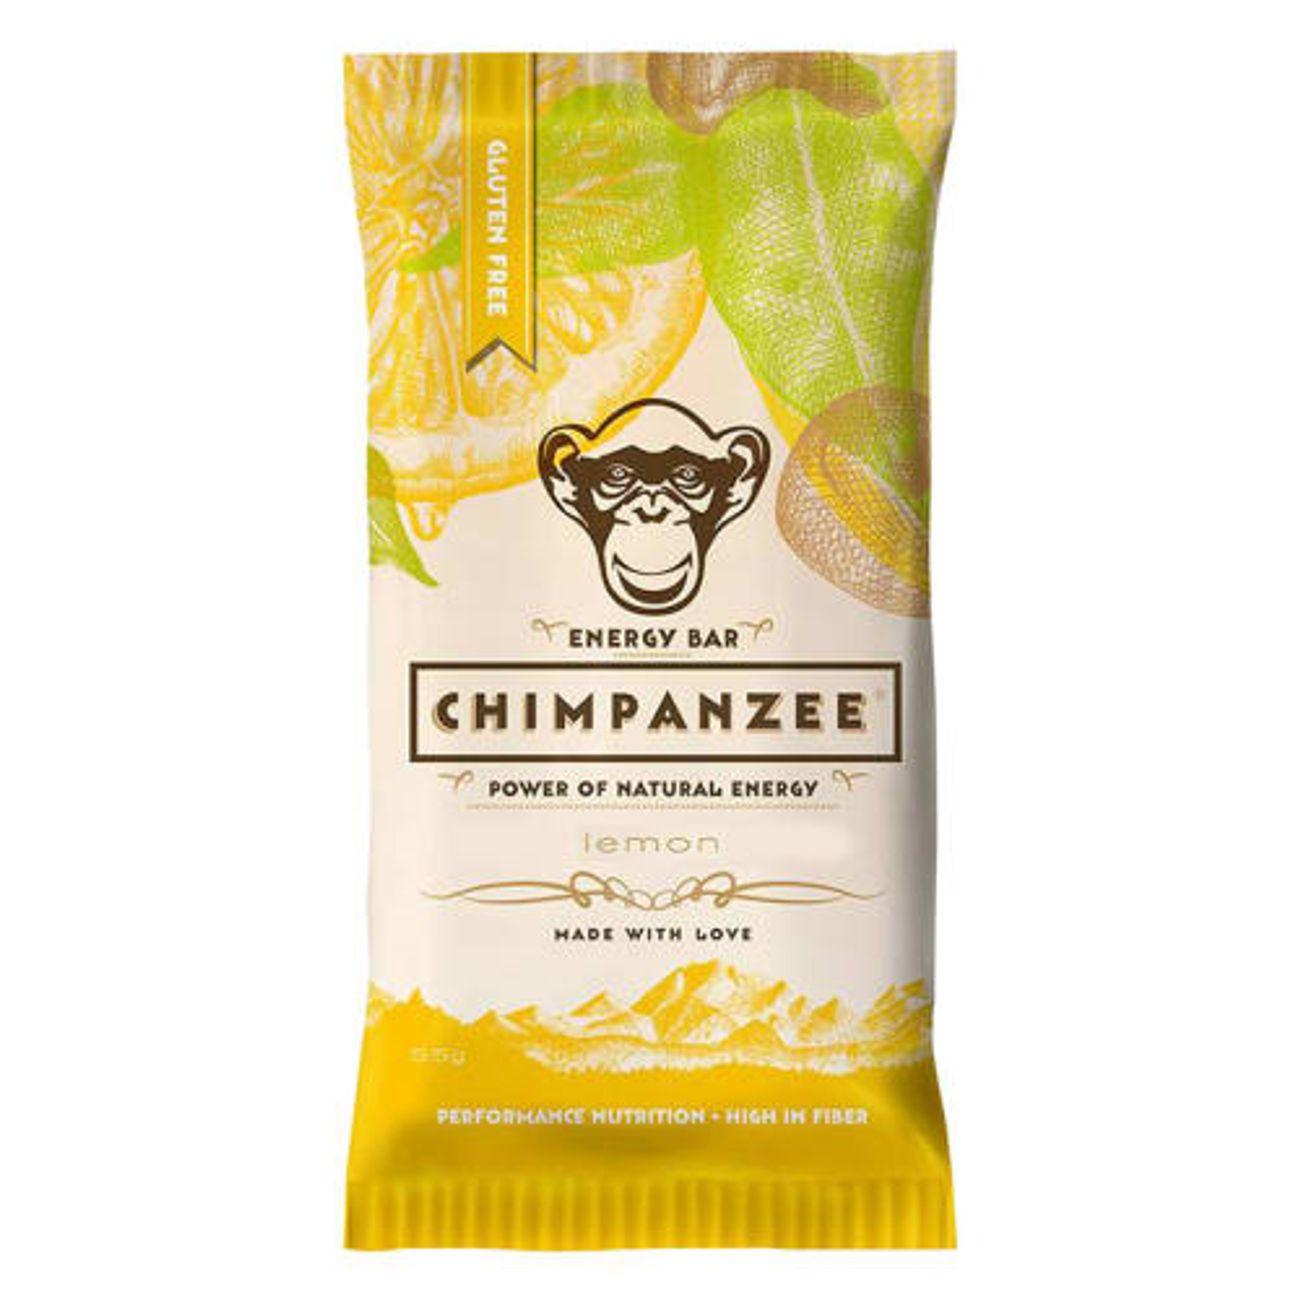 CHIMPANZEE Boîte boisson énergétique Chimpanzee citron 600 g